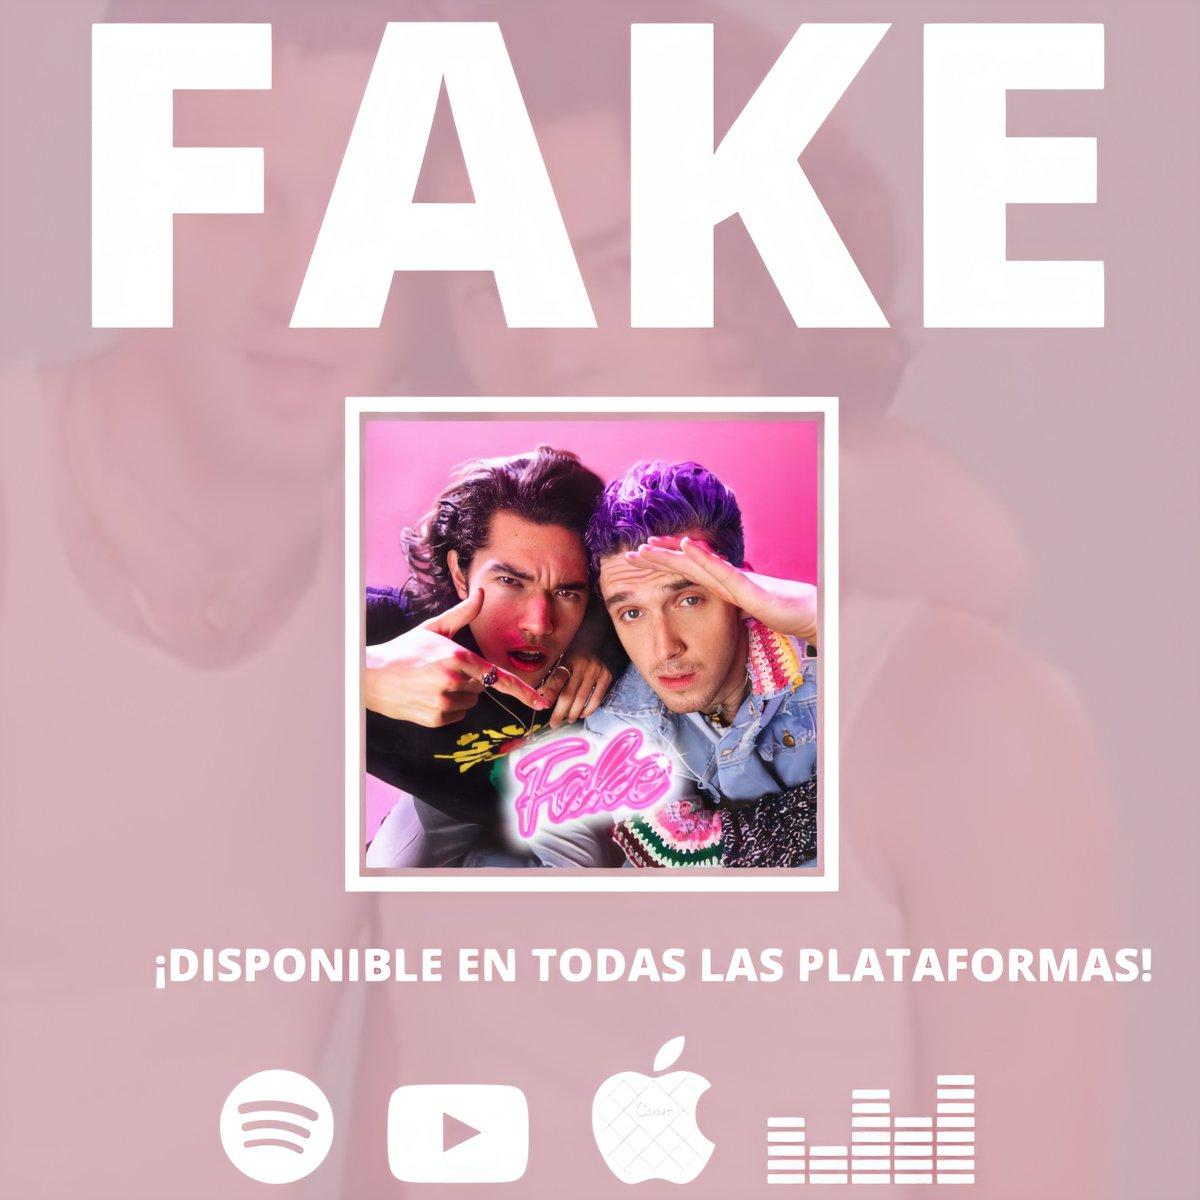 La primera colaboración de Conan, Fake, ya está disponible en todas las plataformas digitales.  FAKE — @lauvsongs ft @conangray.  enlace a todas las plataformas🔗:   Las dos versiones en Spotify. 🔗:  🔗: